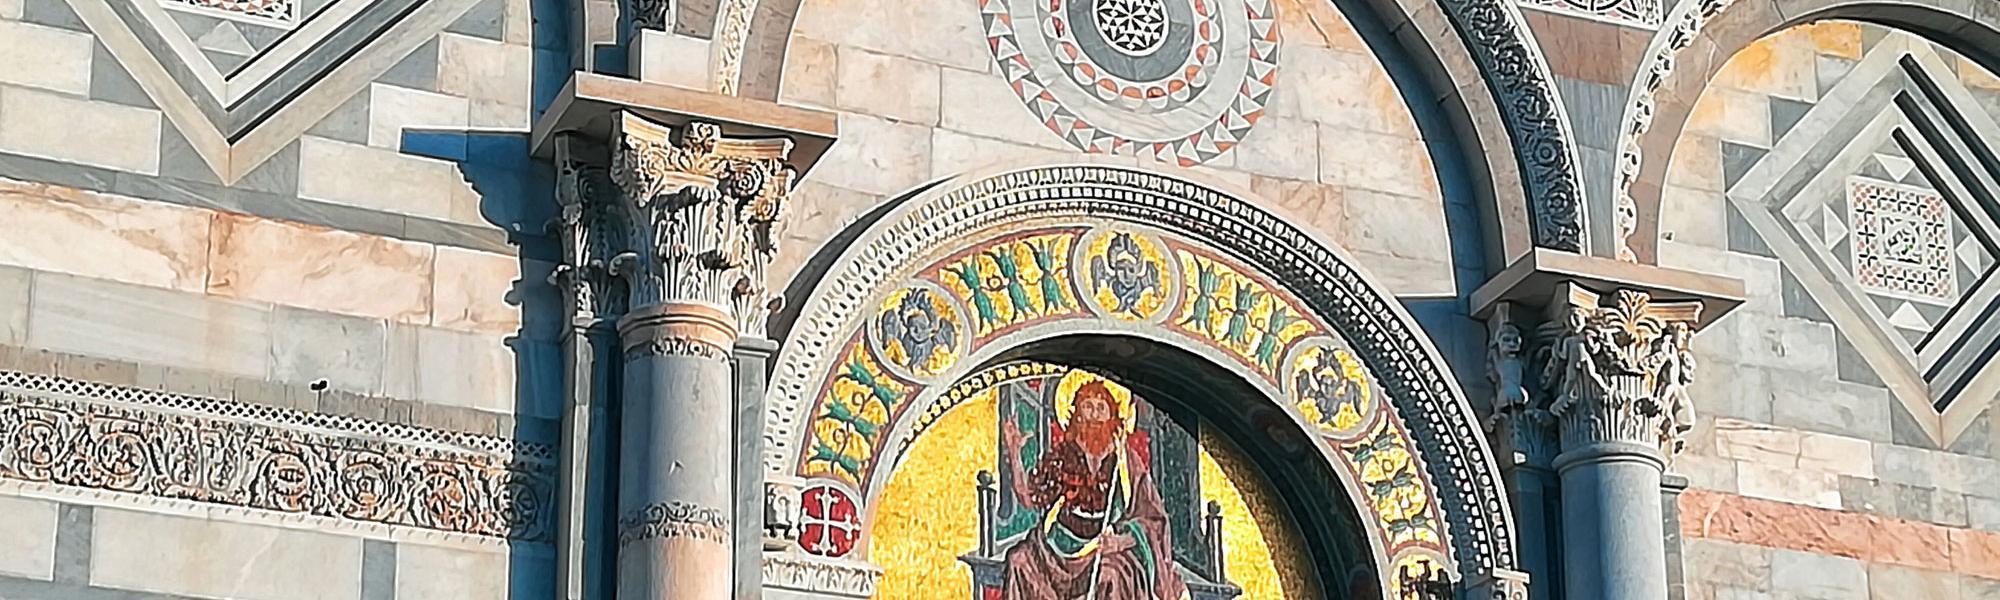 Lunetta del Duomo di Pisa